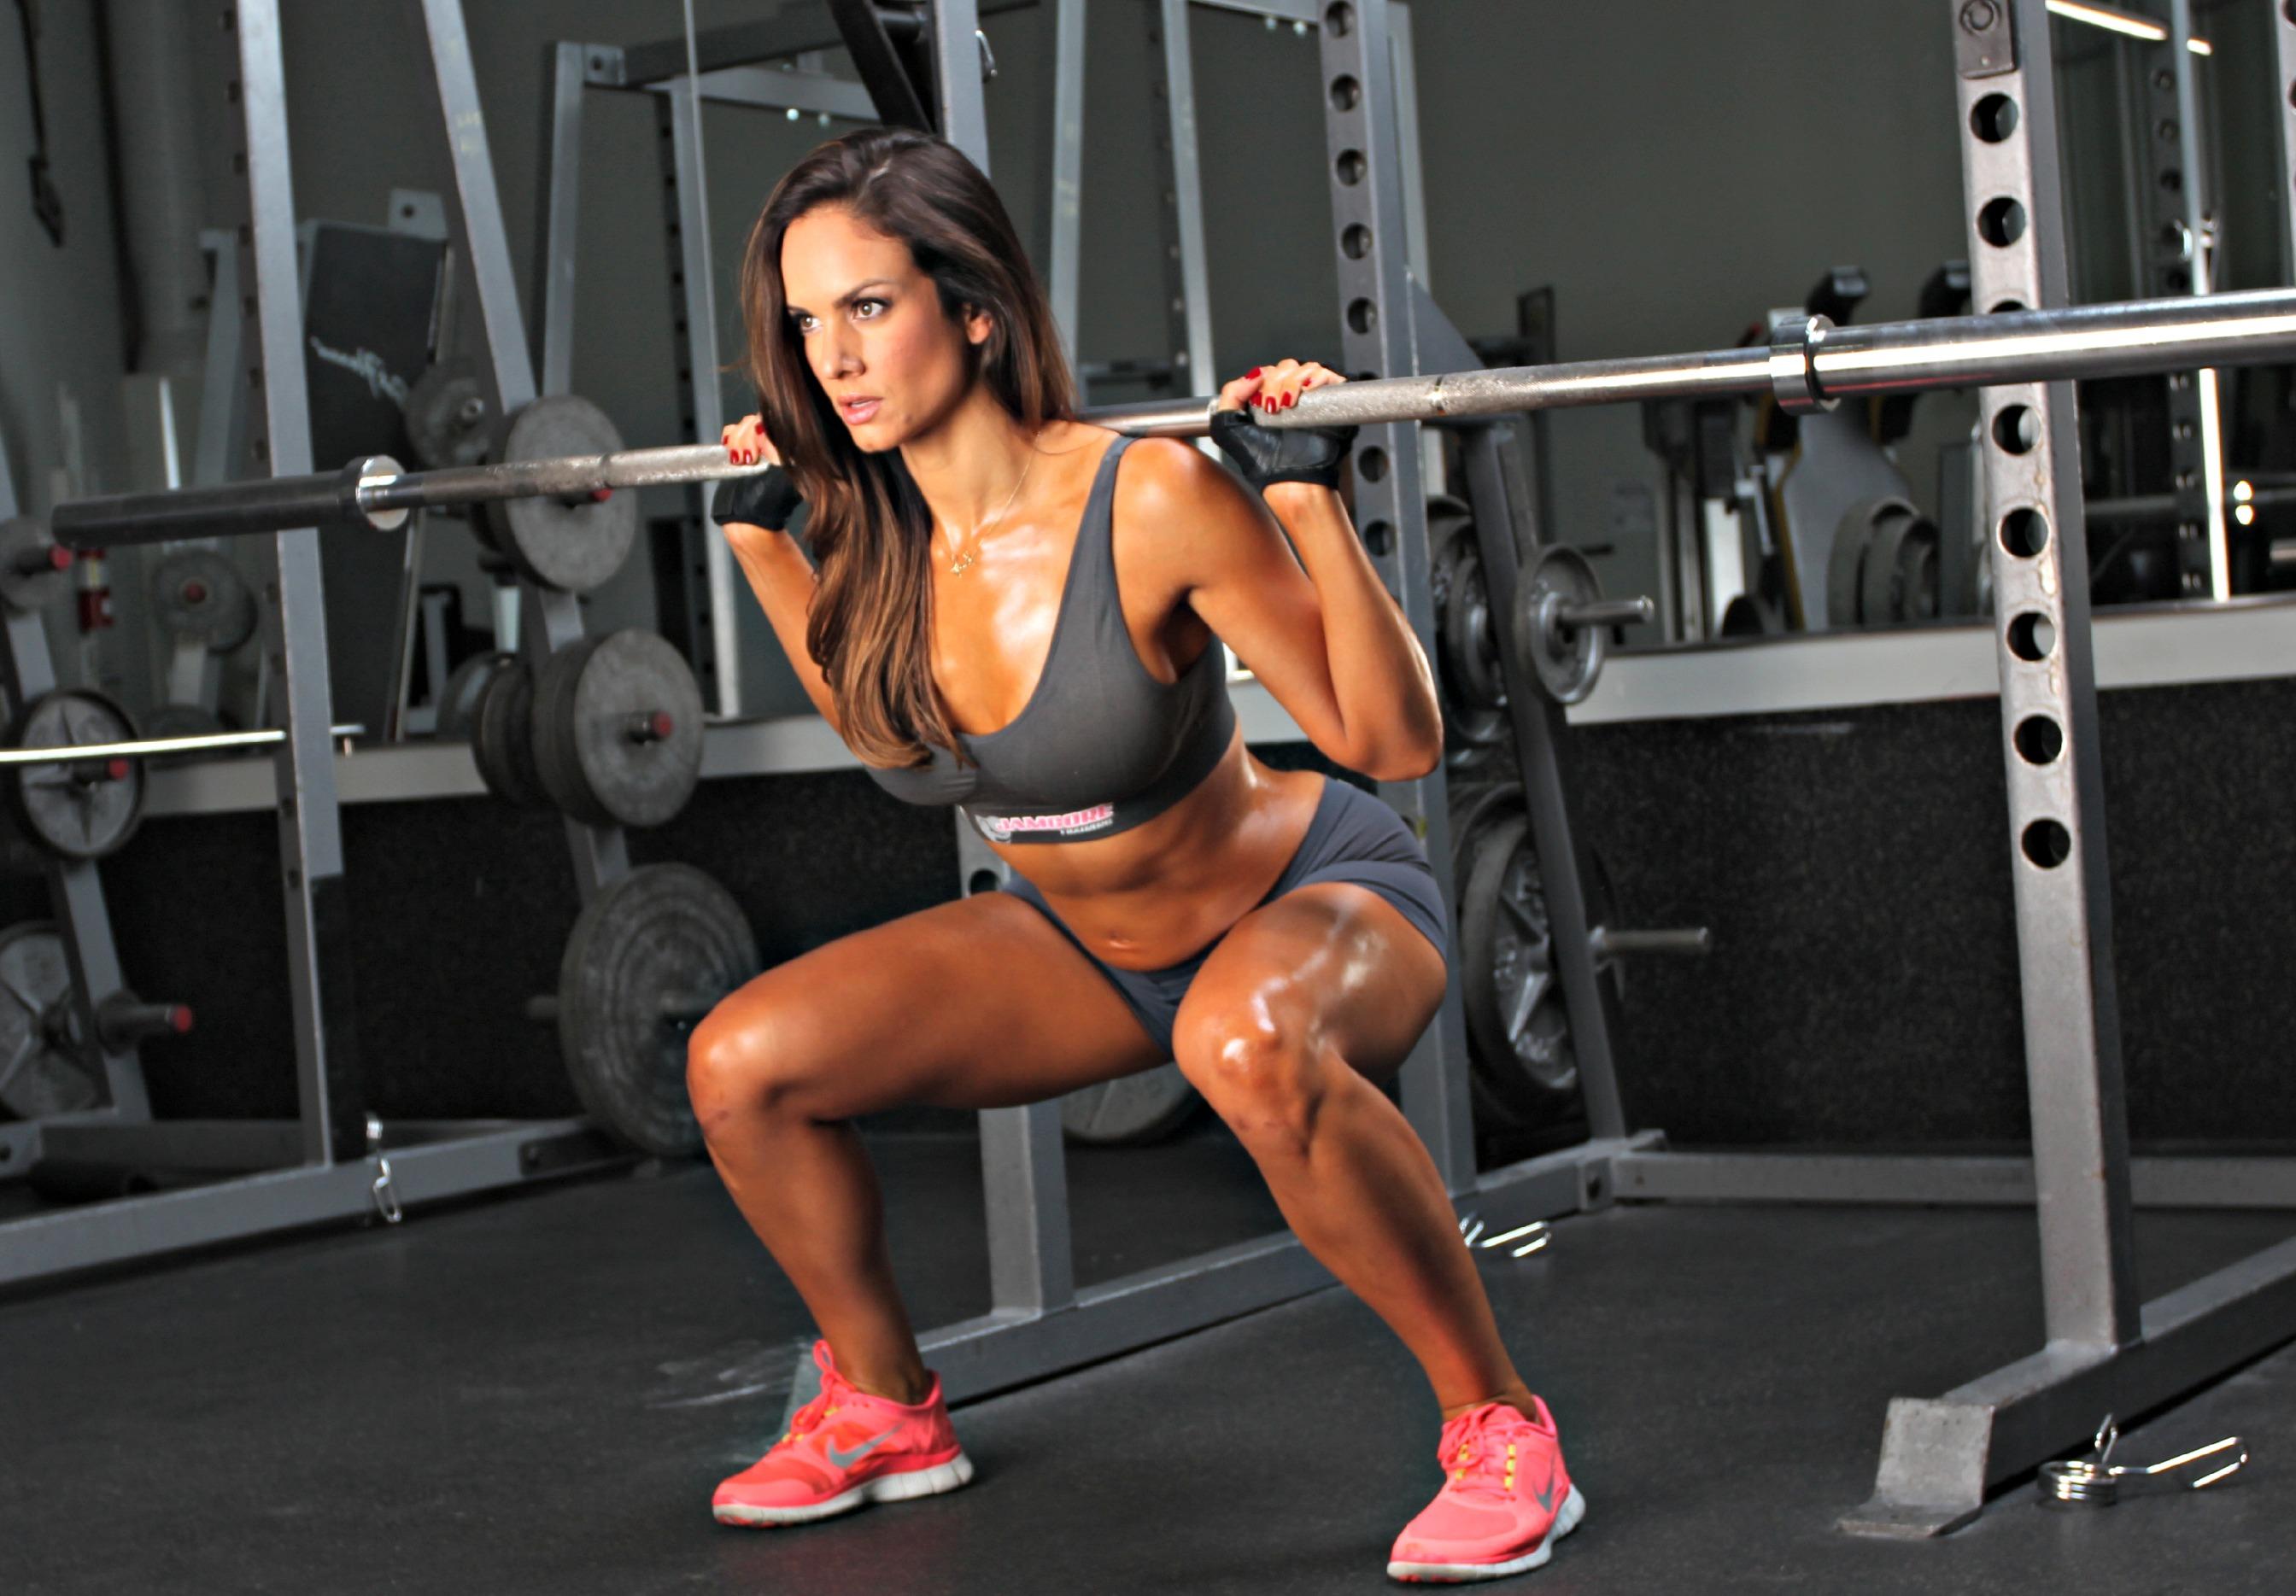 găng tay tập gym hỗ trợ việc tập luyện tốt hơn